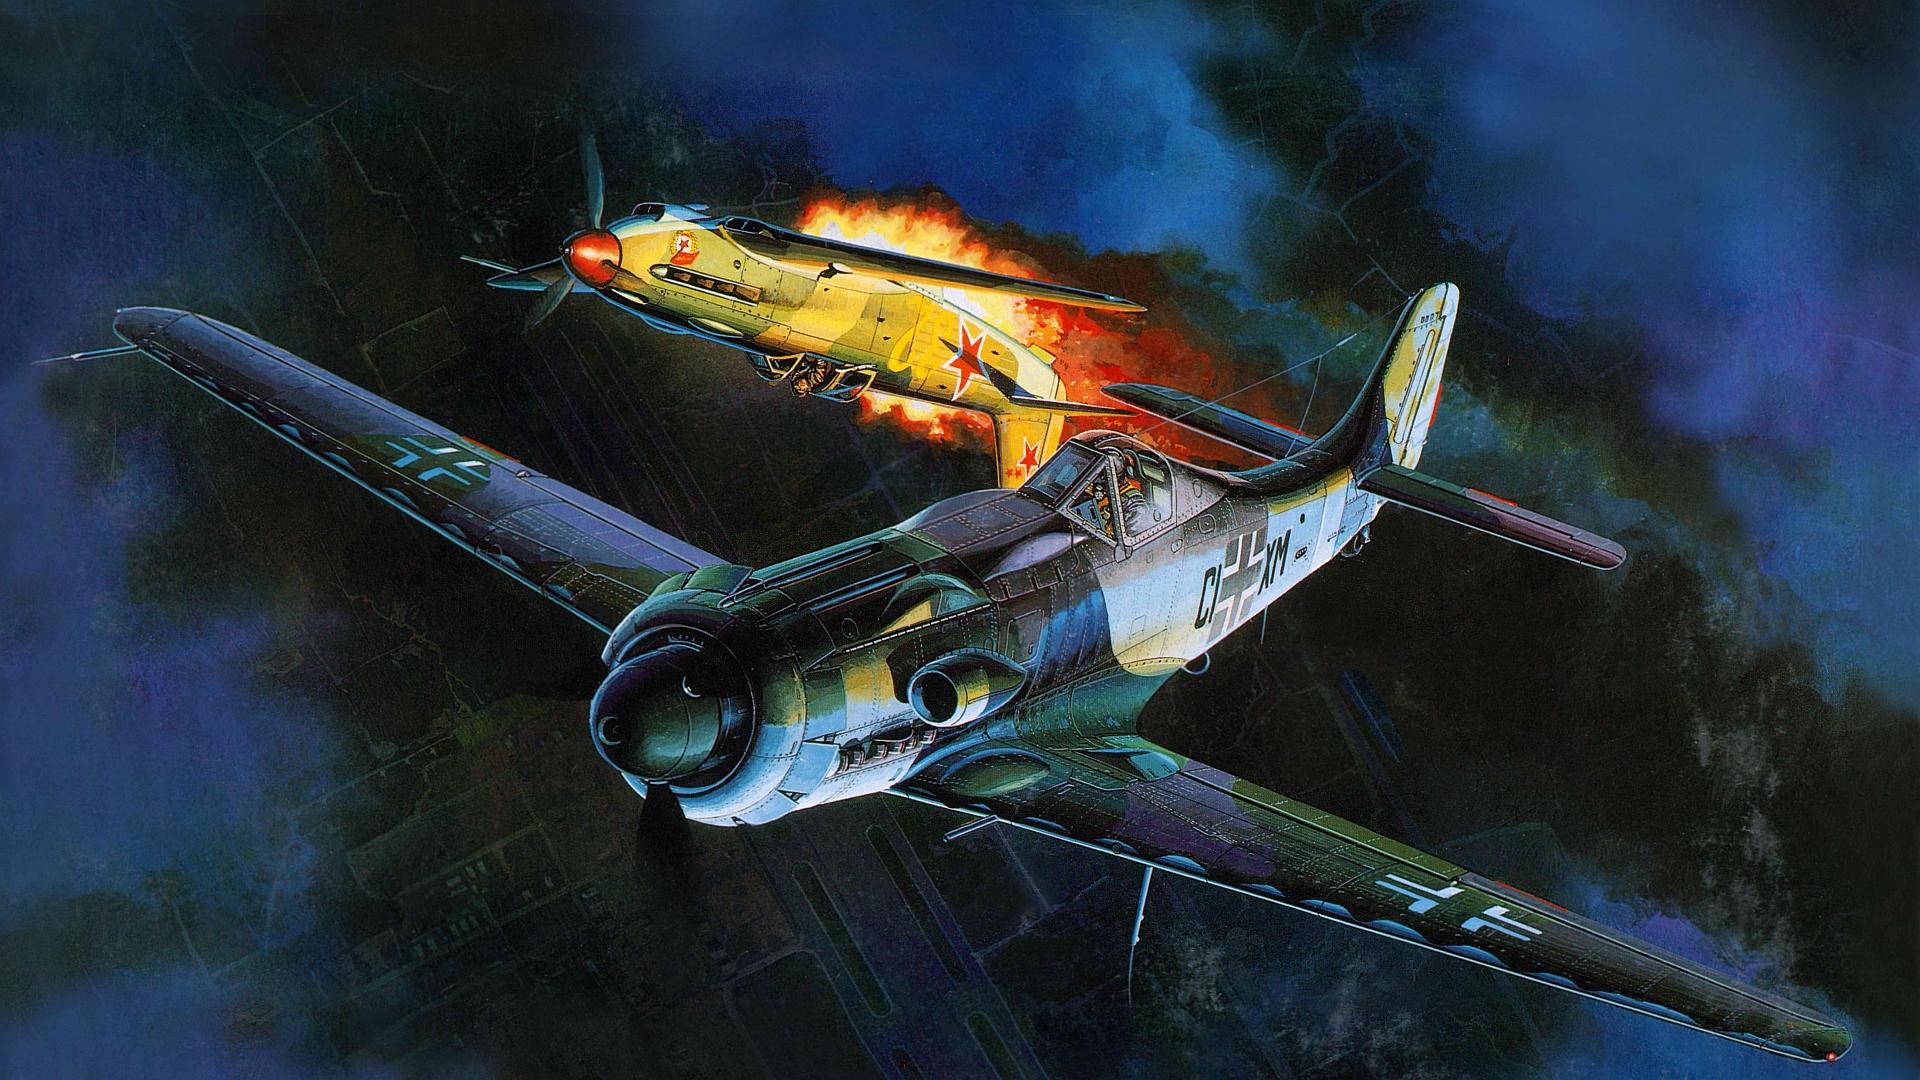 Military - Aircraft  Wallpaper